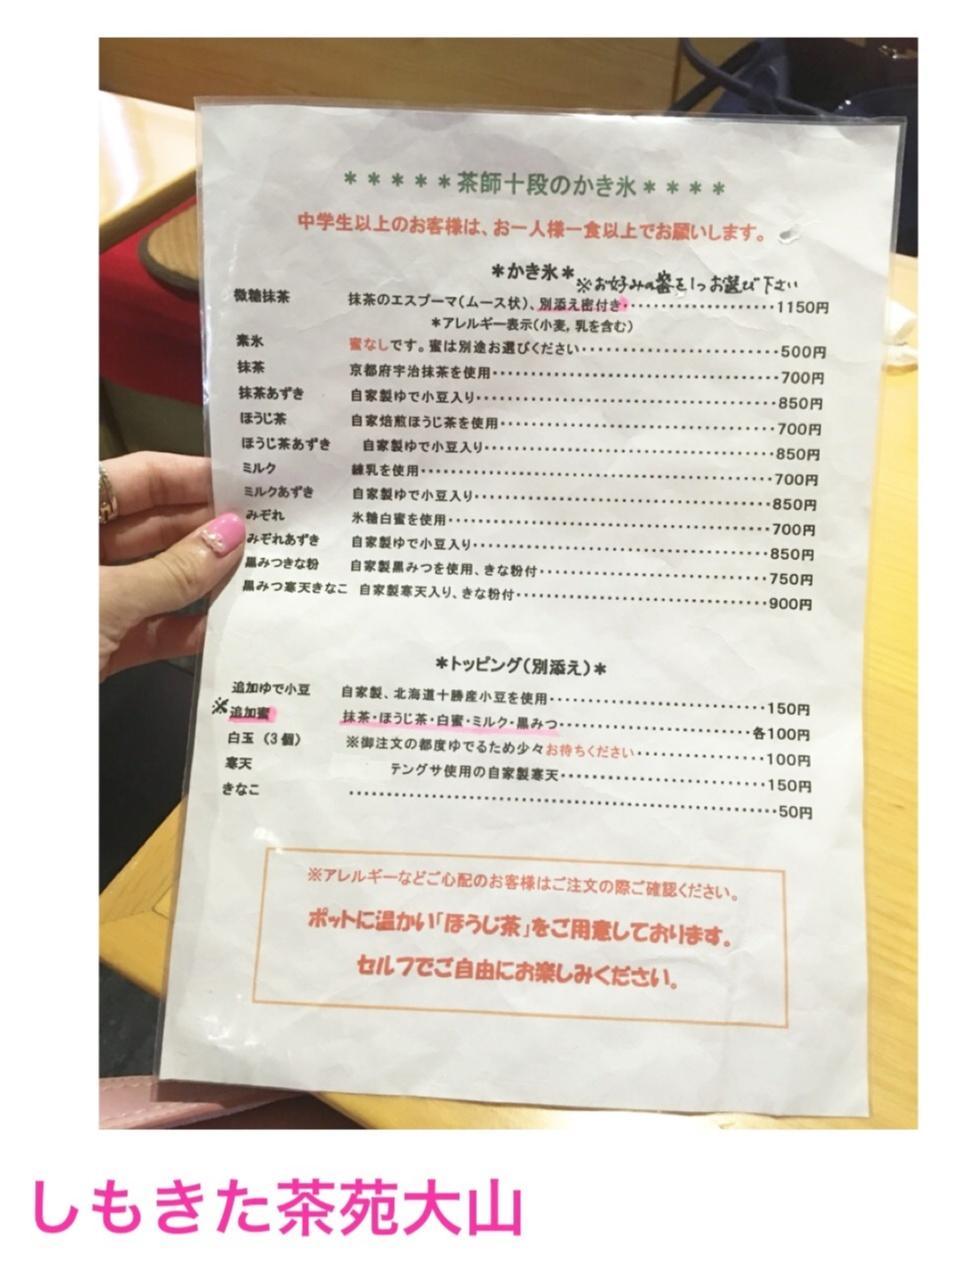 ♡クチコミ人気No.1かき氷店【しもきた茶苑大山の抹茶かき氷】遂に食べてきた♡モアハピ◡̈のぞみ♡_3